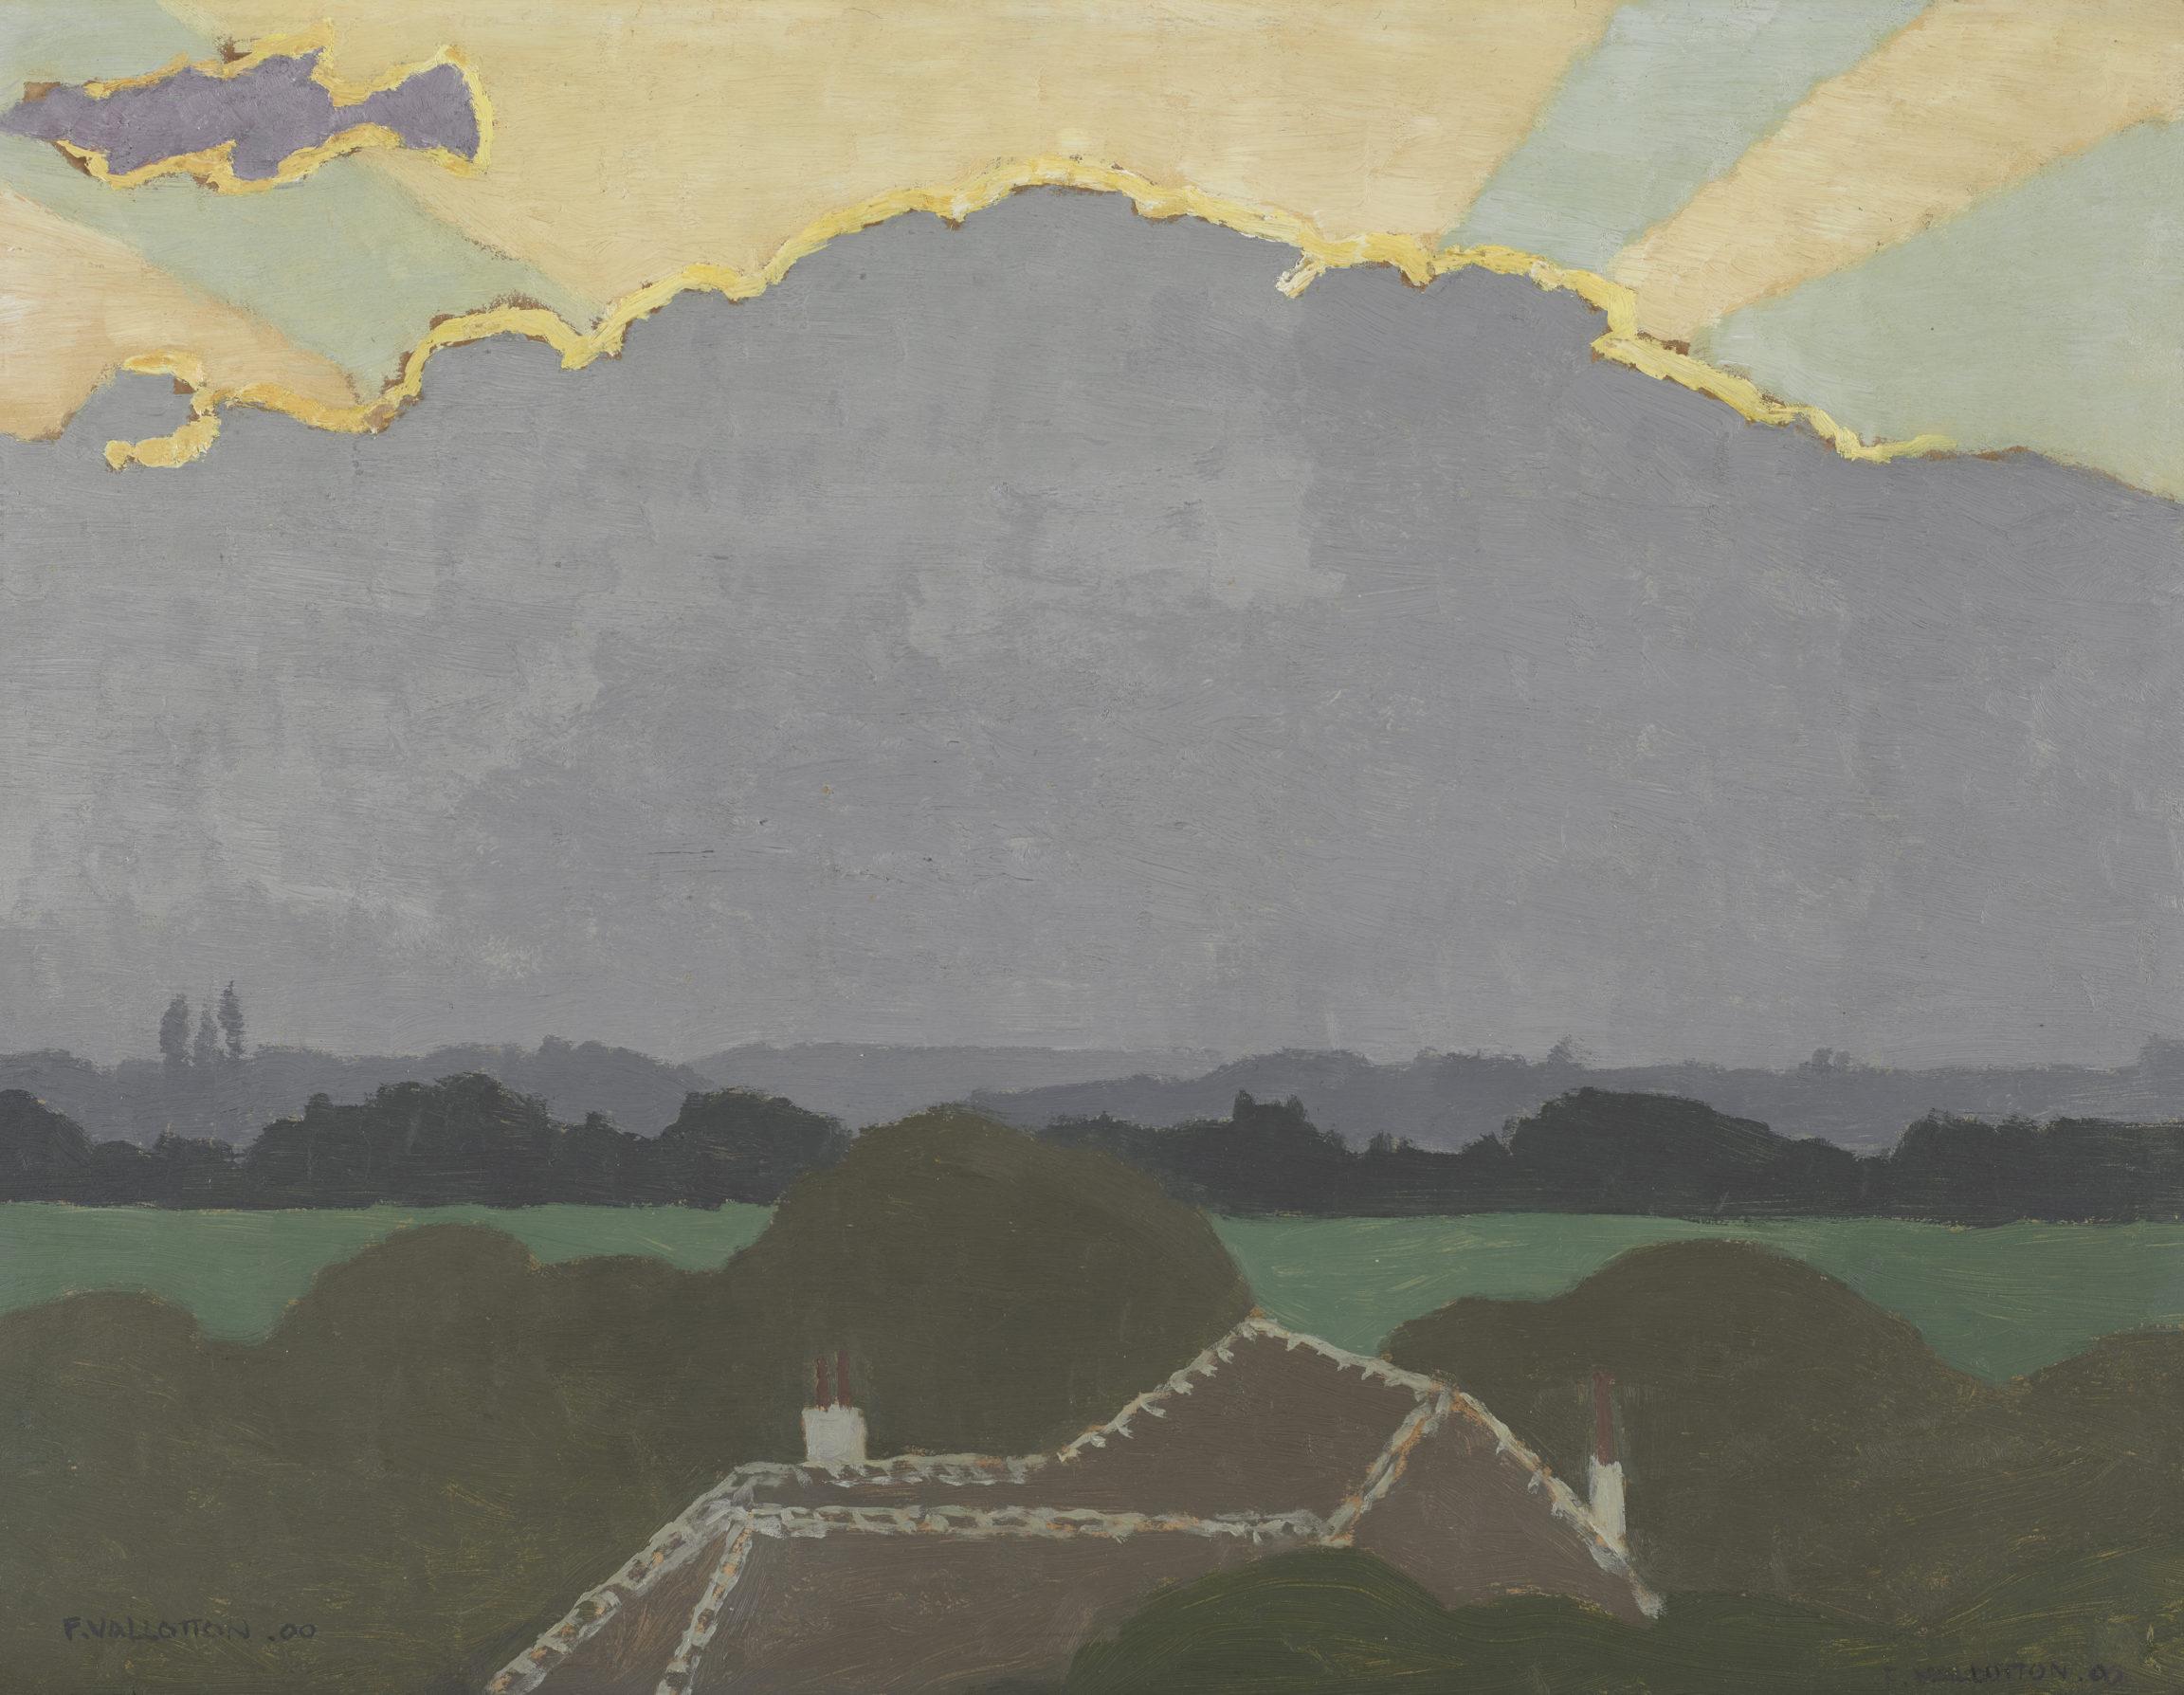 Félix Vallotton, Le grand nuage, 1900